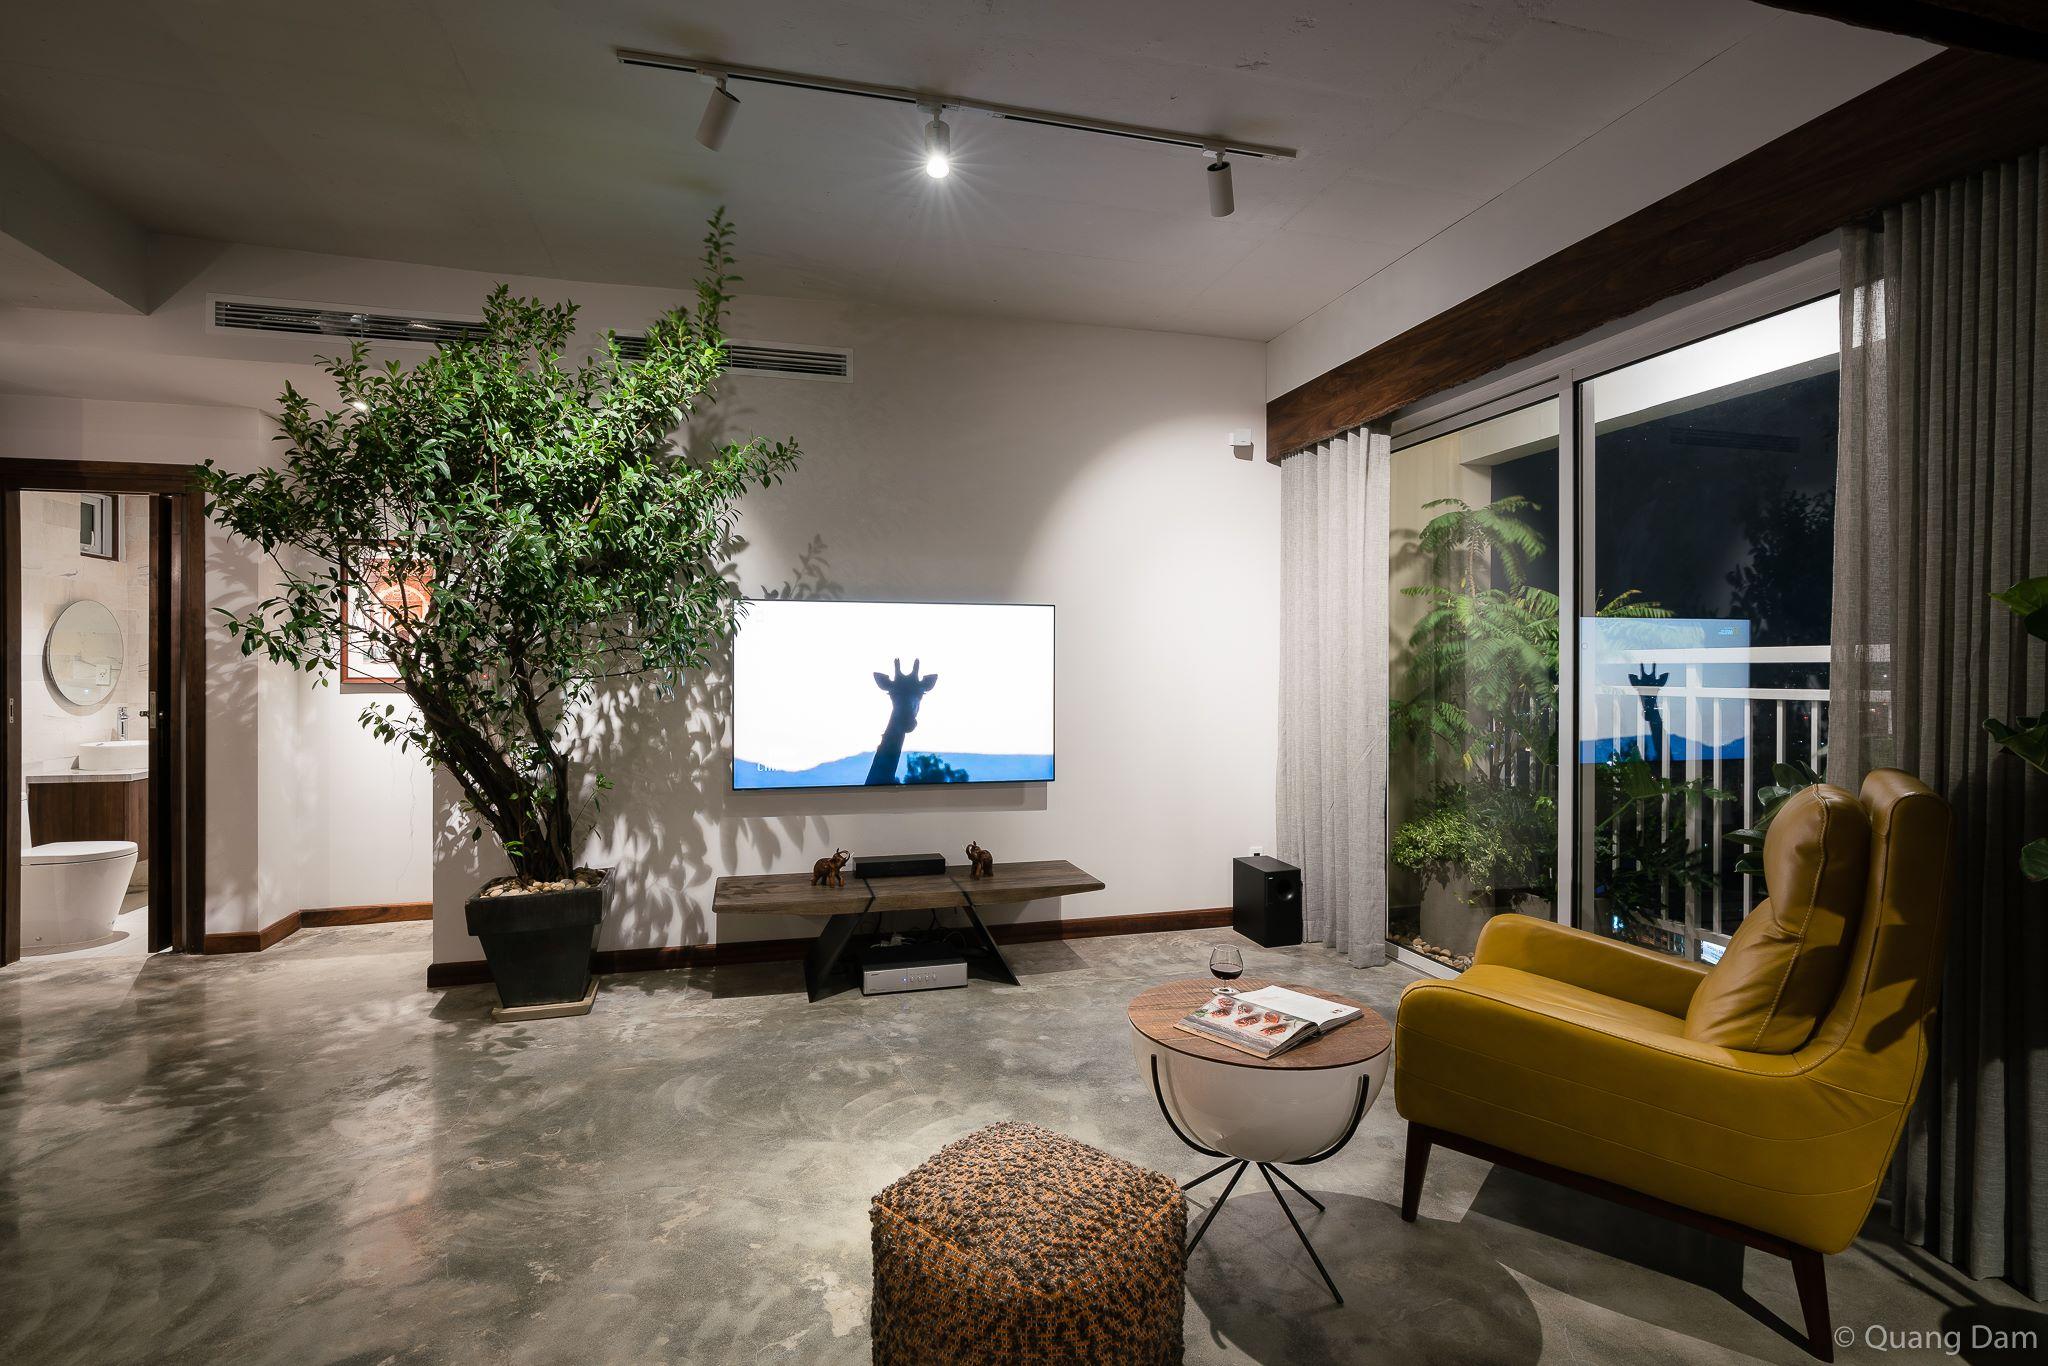 Nội thất căn hộ 1 phòng ngủ với điểm nhấn gỗ và cây xanh - Nhà Đẹp Số (3)